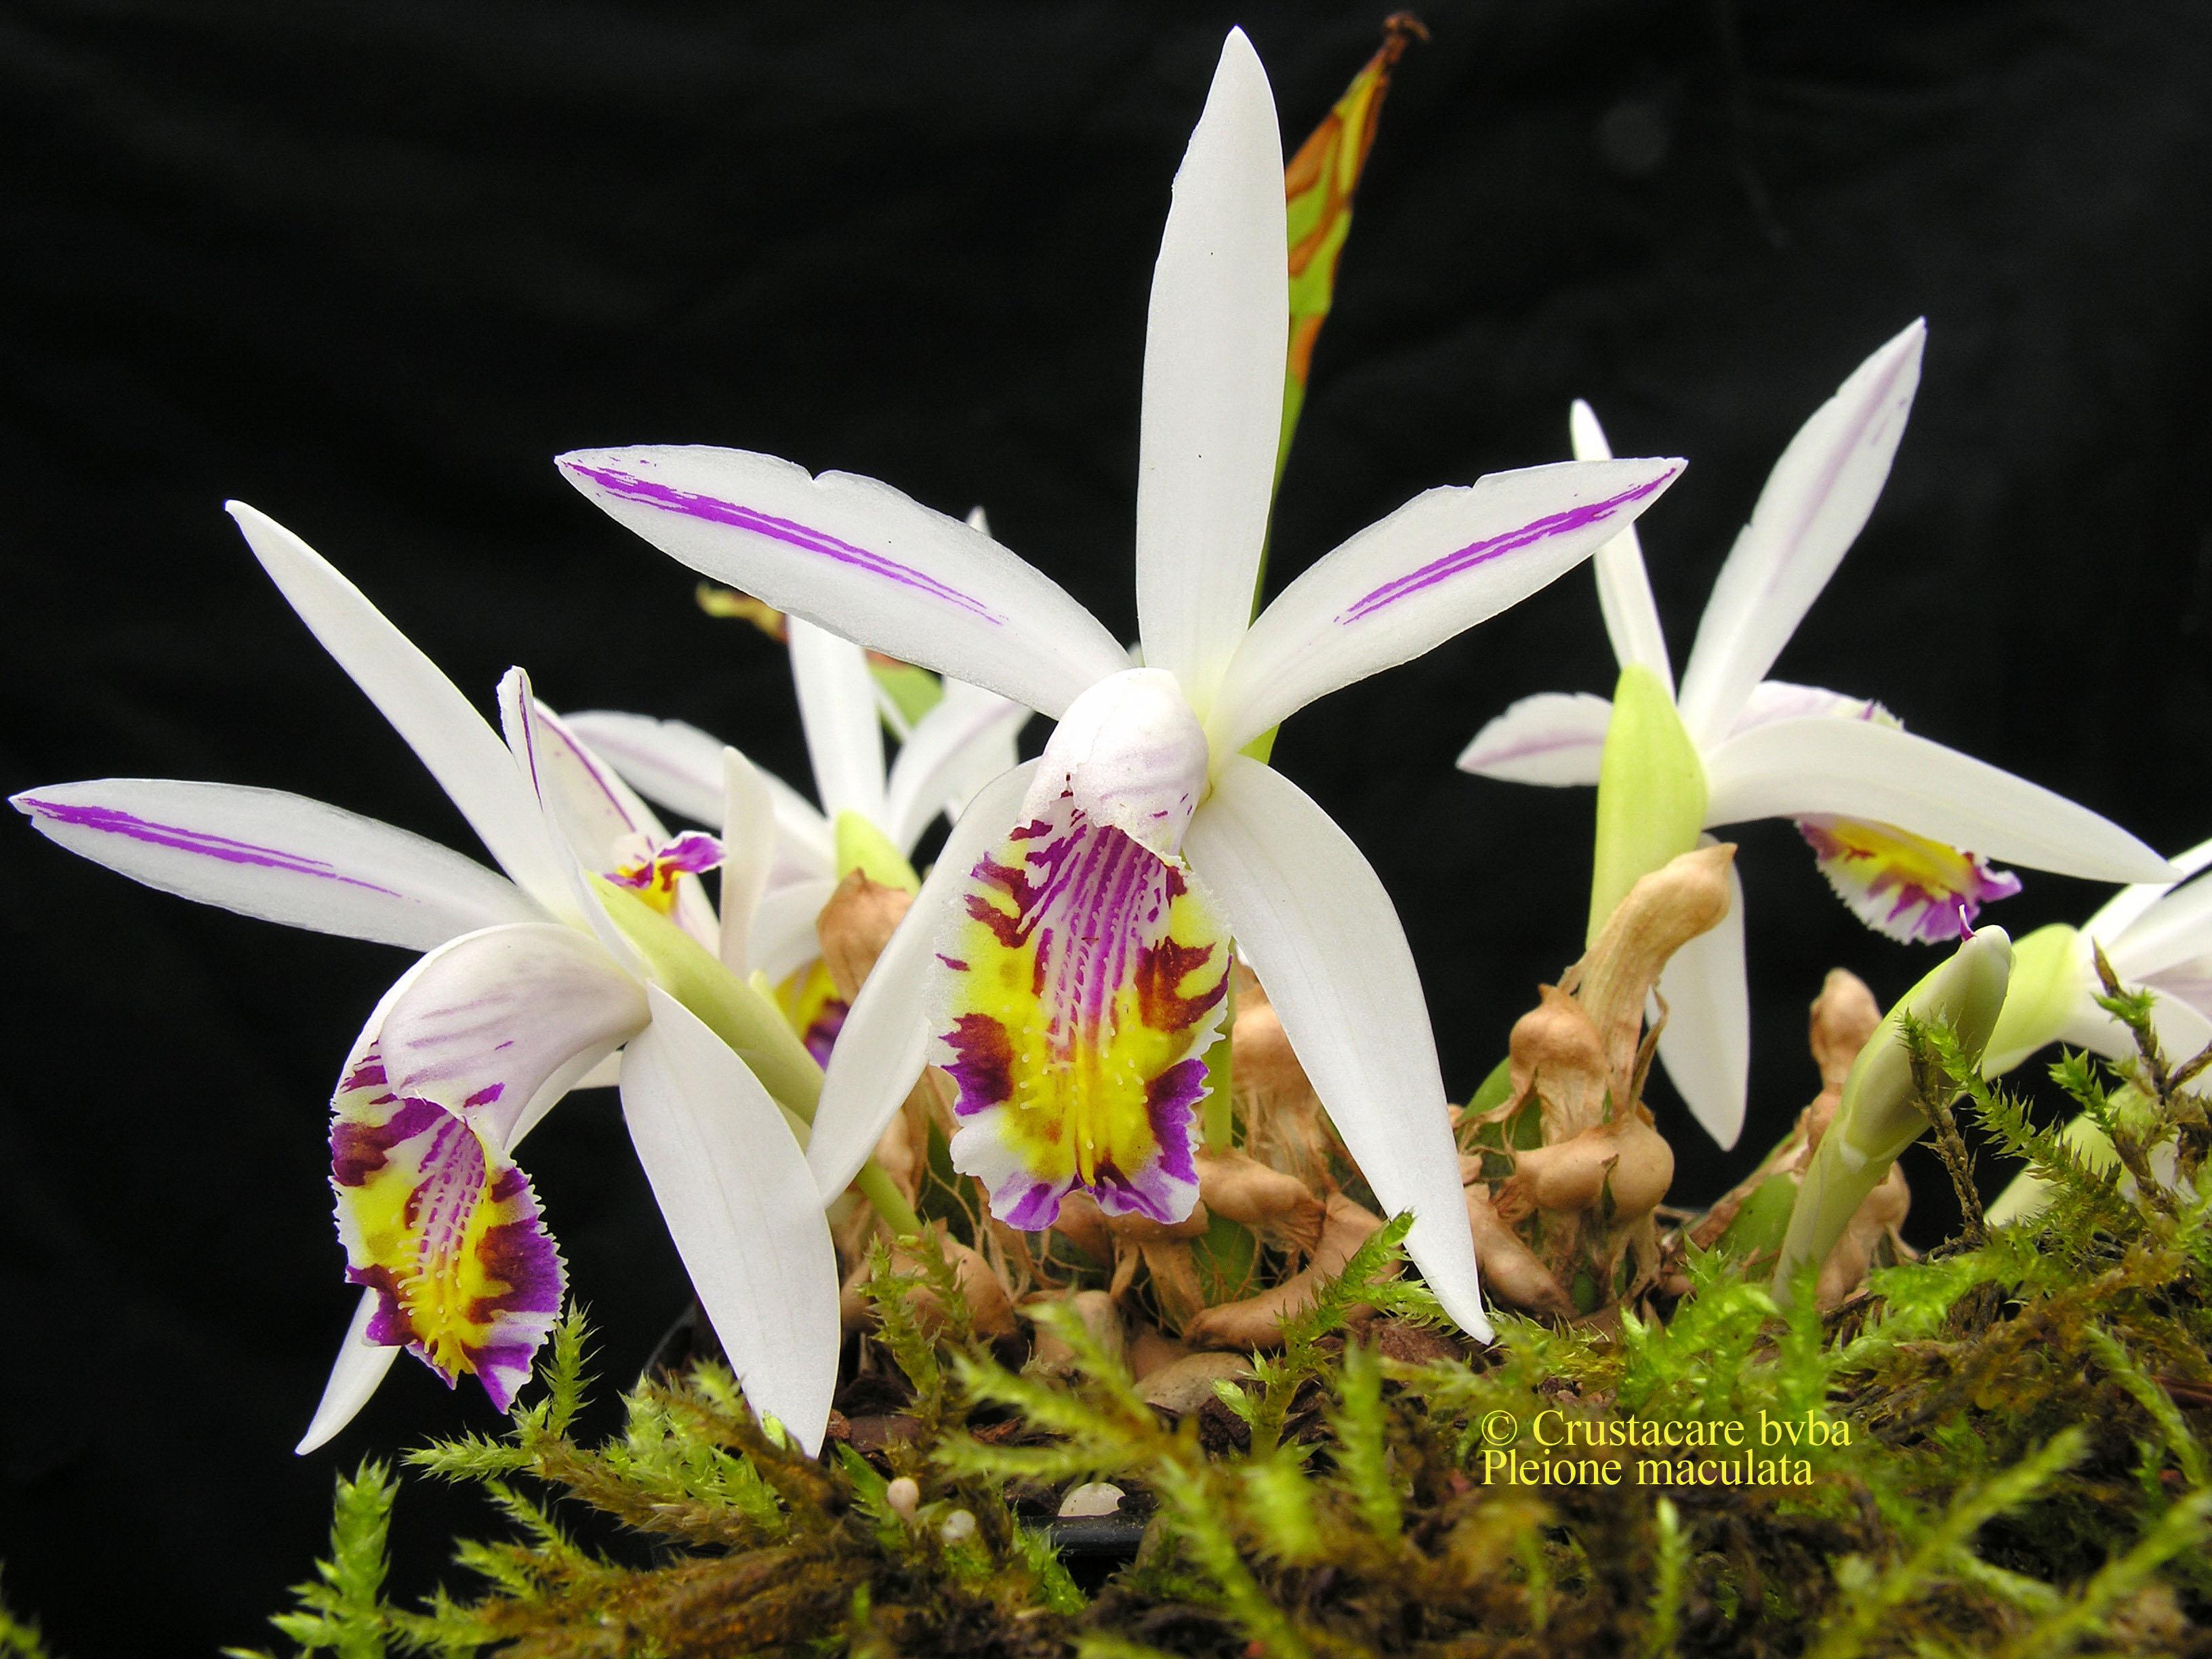 http://www.albiflora.be/files/planten/222/Pleione%20maculata.jpg